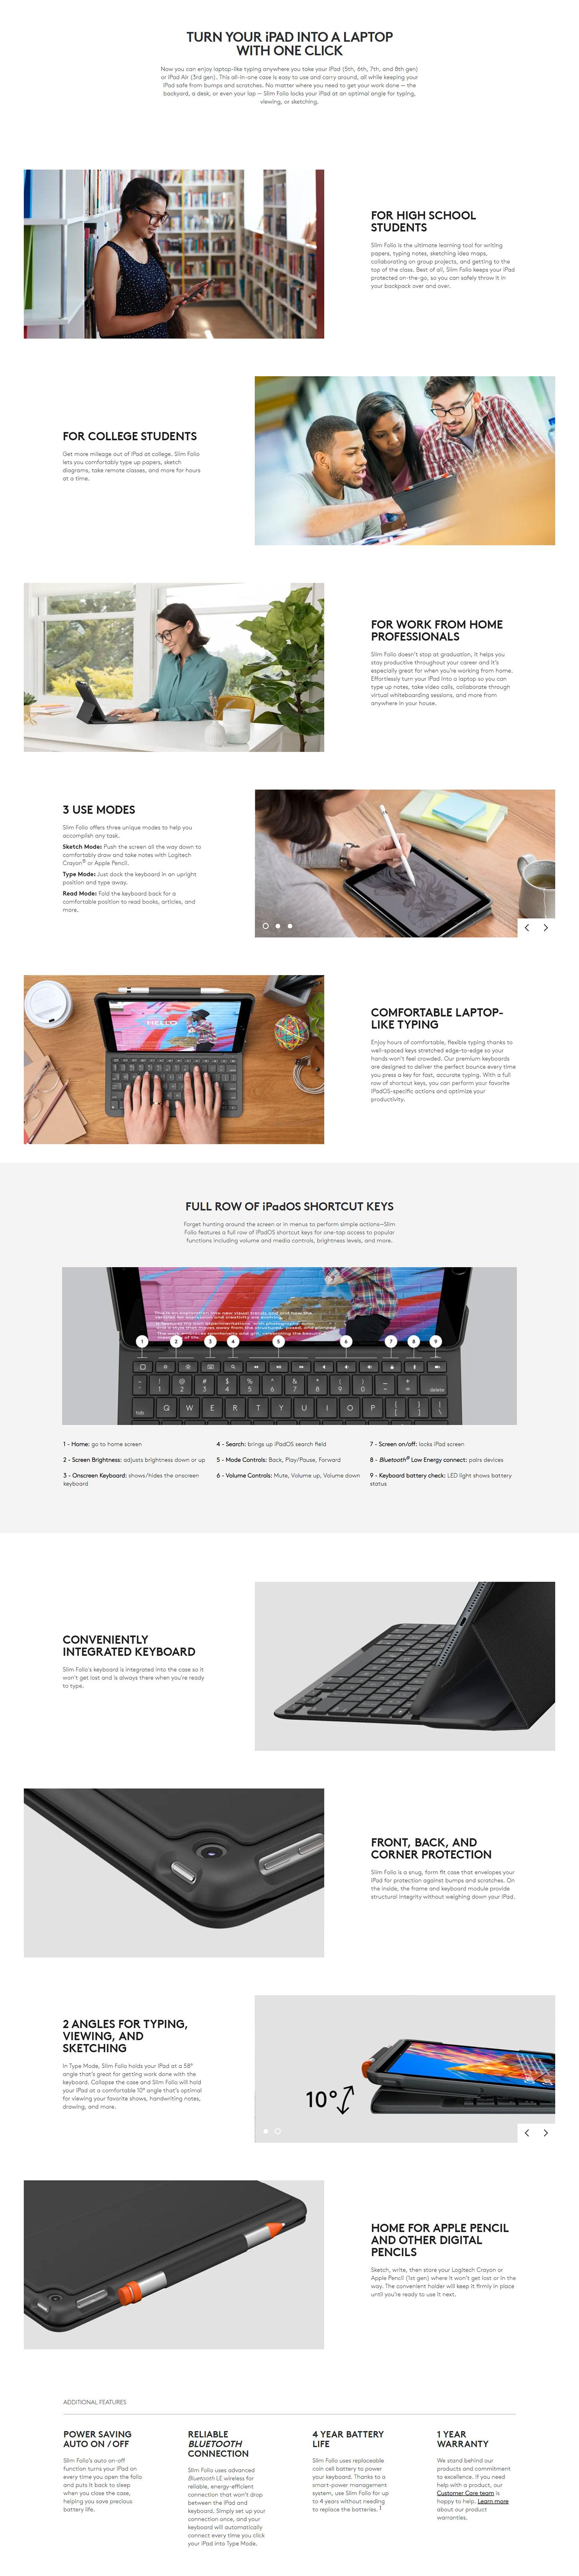 Logitech Slim Folio for iPad Keyboard Case